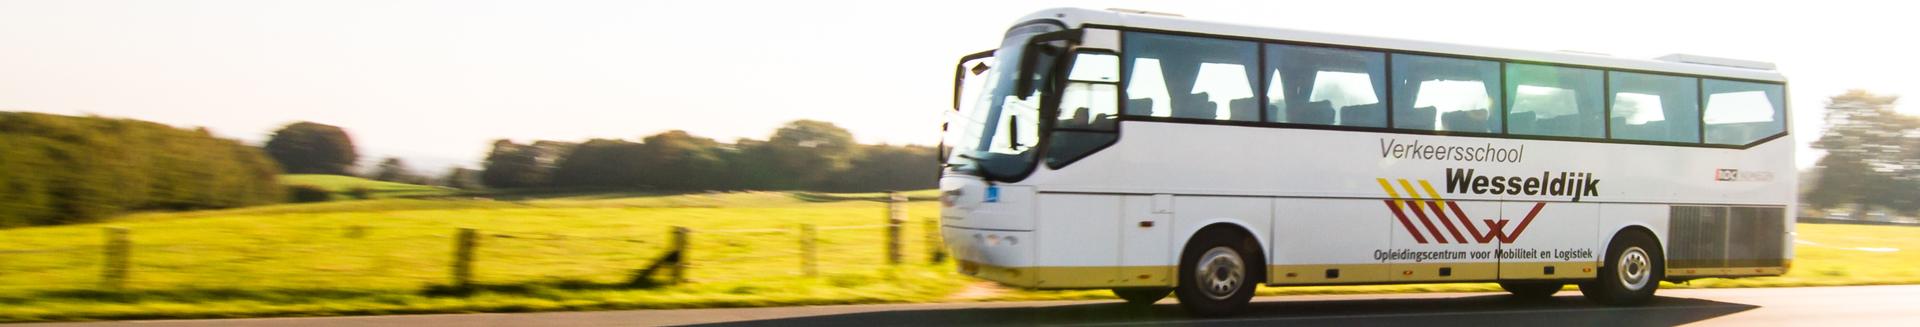 bus aanhanger rijbewijs